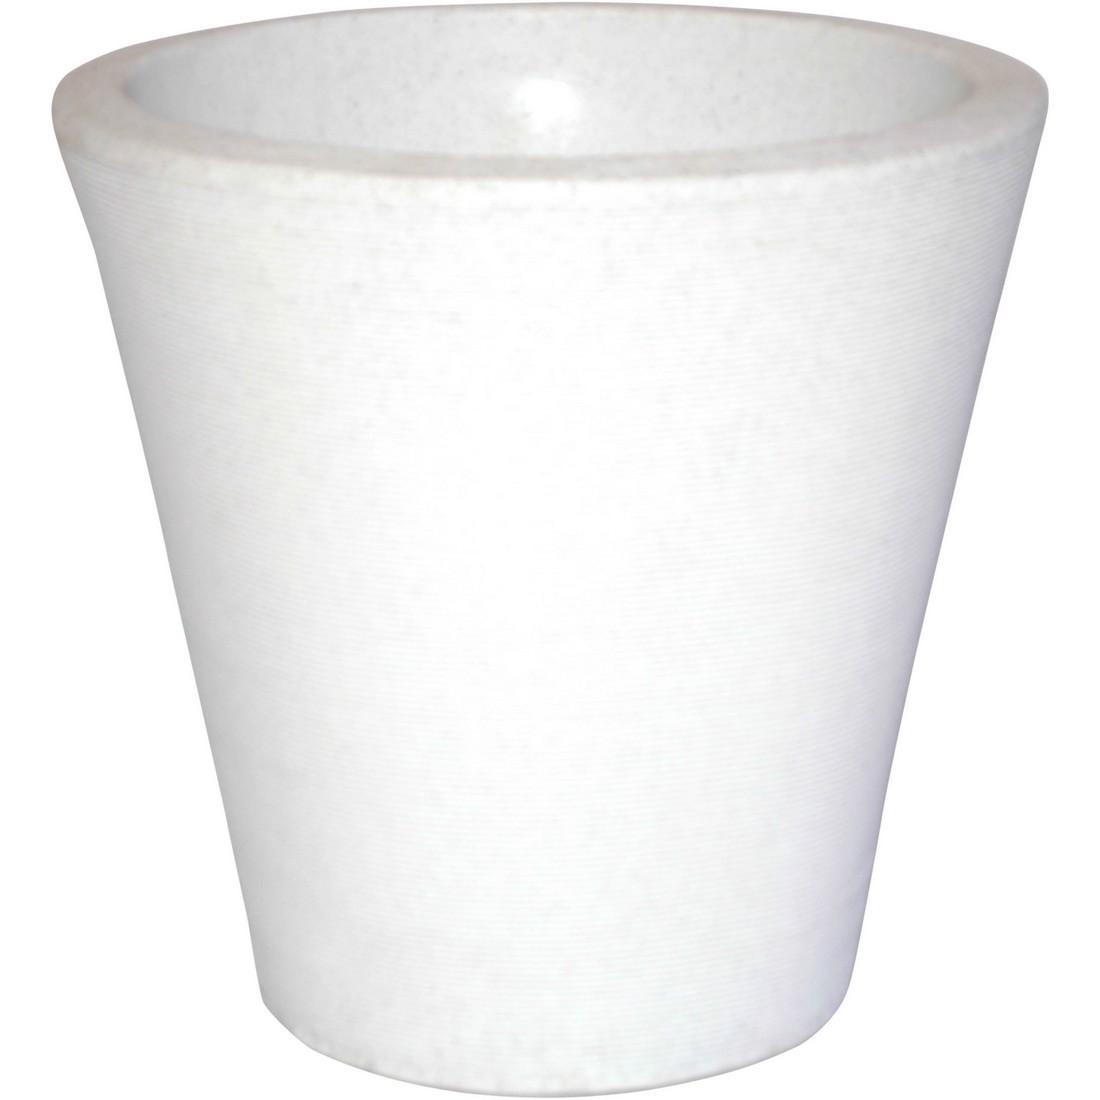 Pflanzkübel Marble – Kunststoff – Madison – Höhe: 35 cm Ø: 36 cm (einzeln), Cresent Garden online kaufen